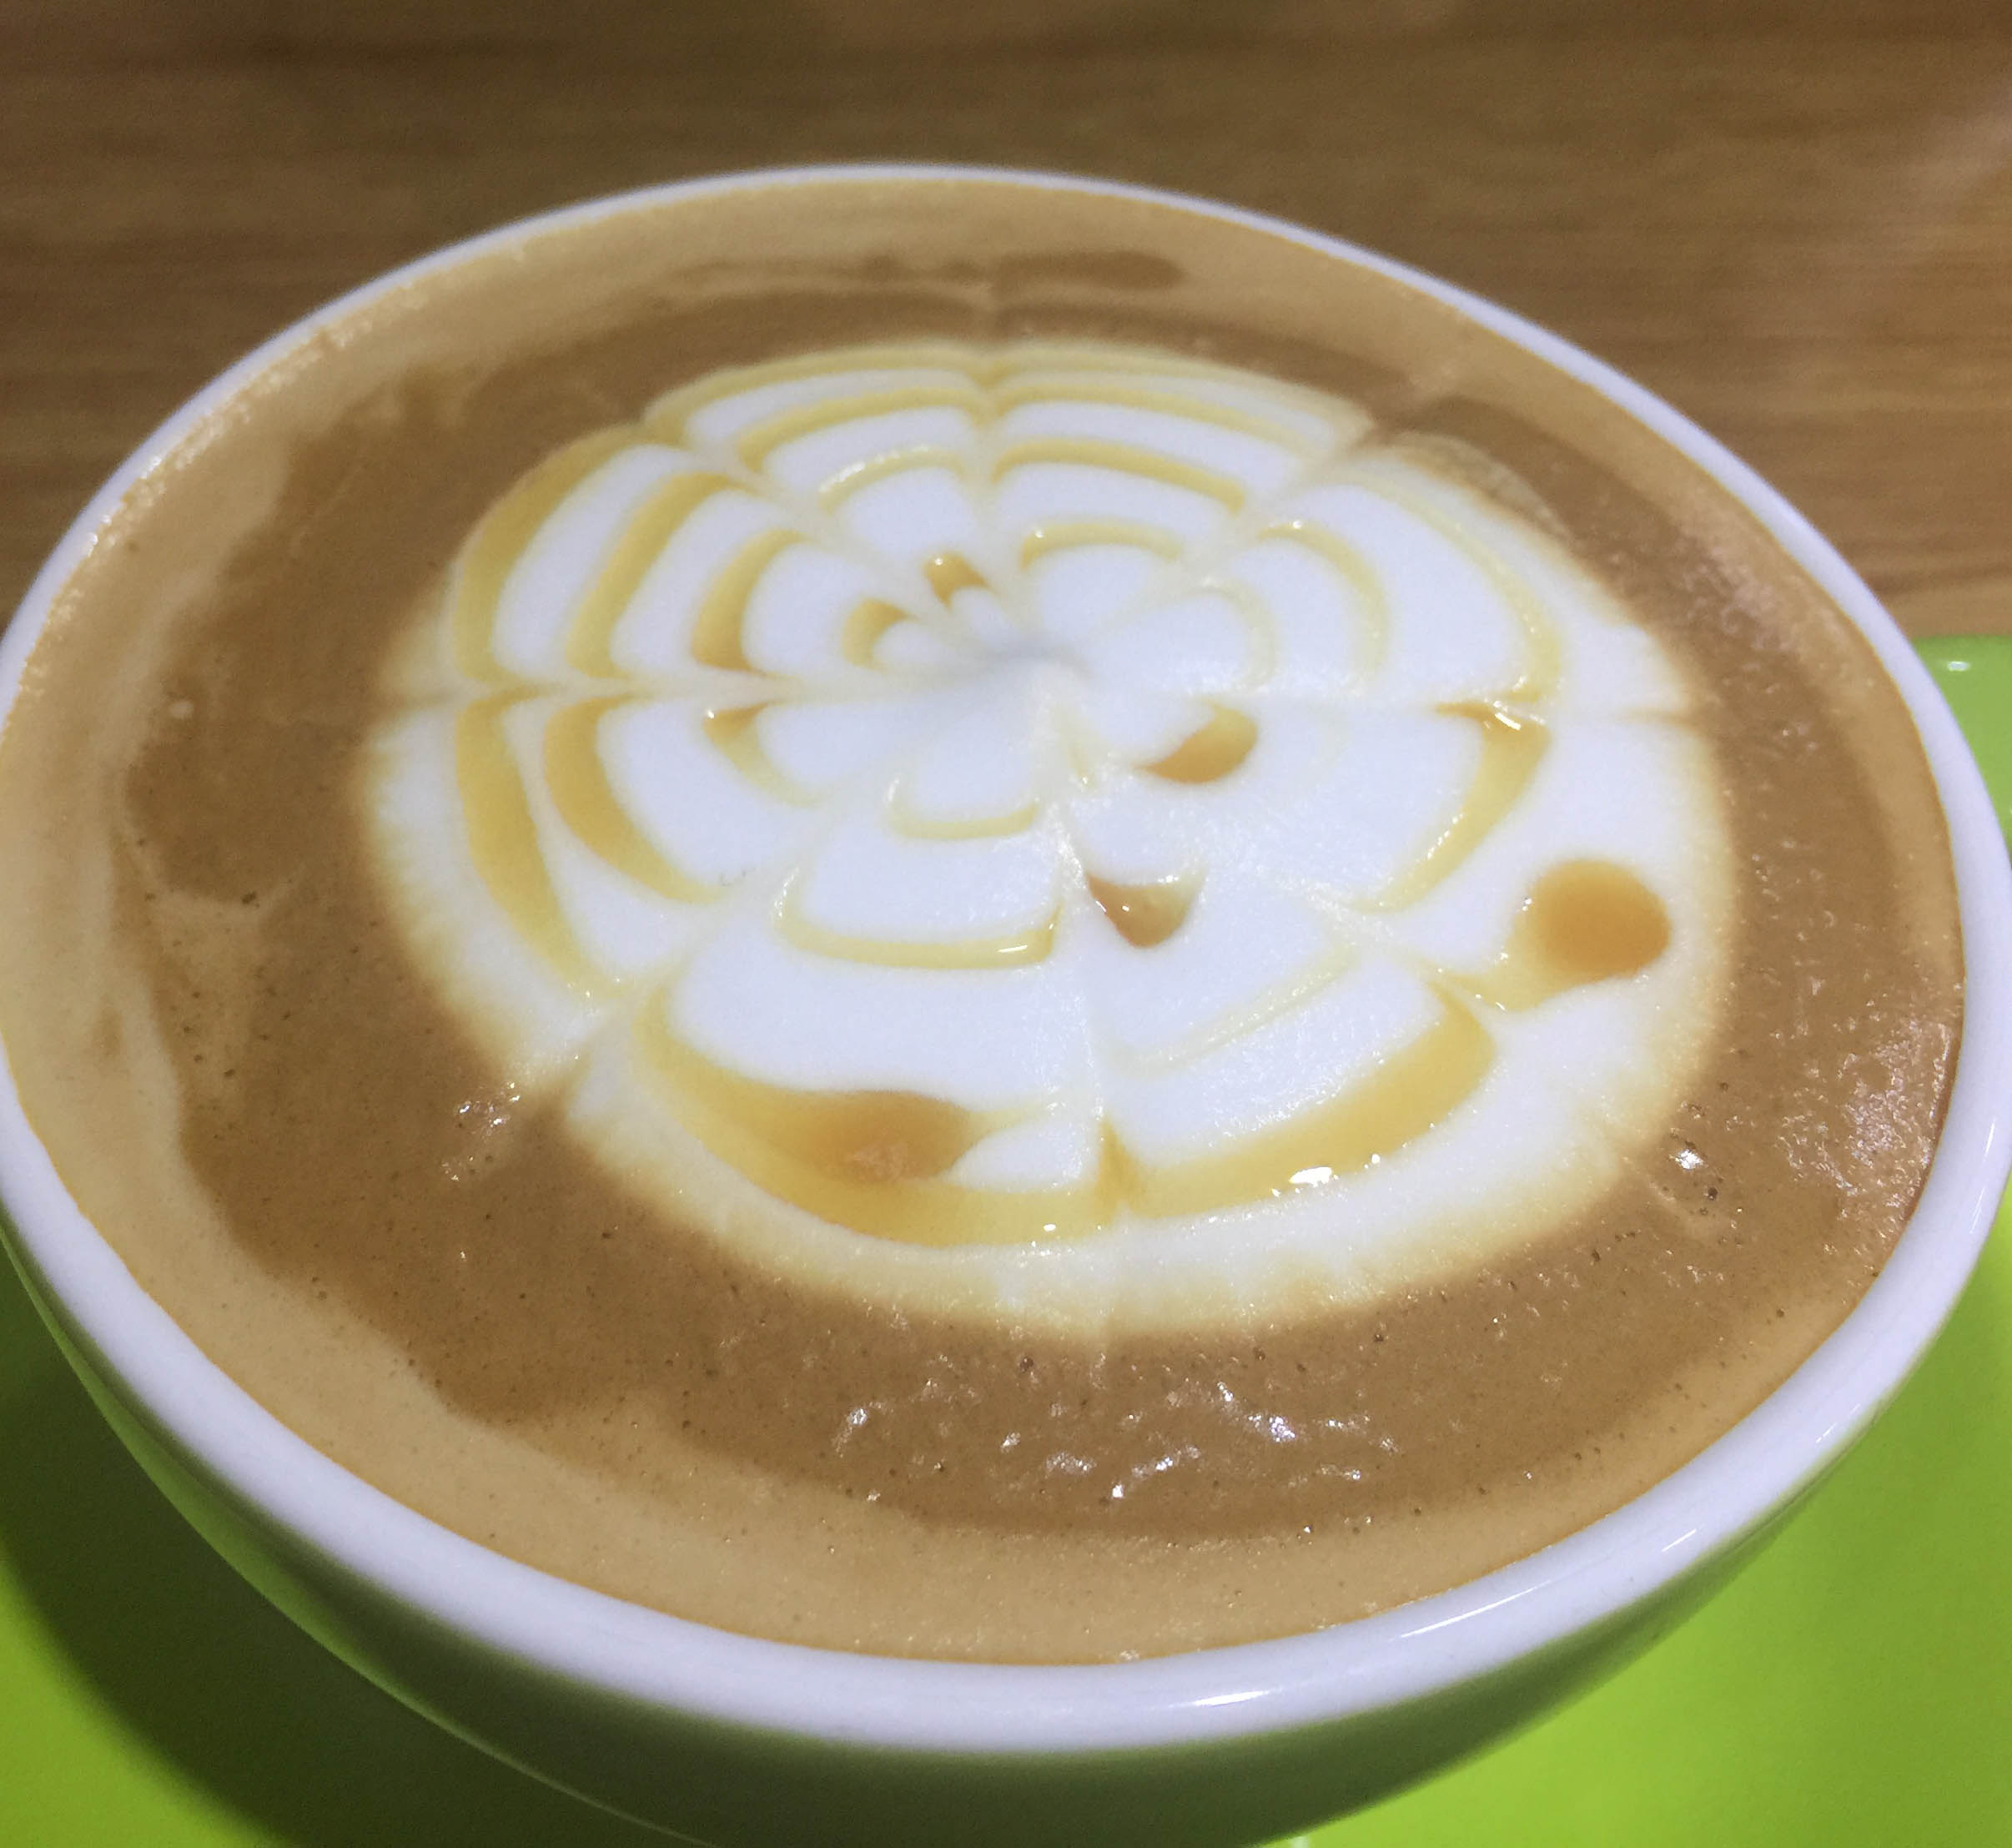 一杯咖啡的命运